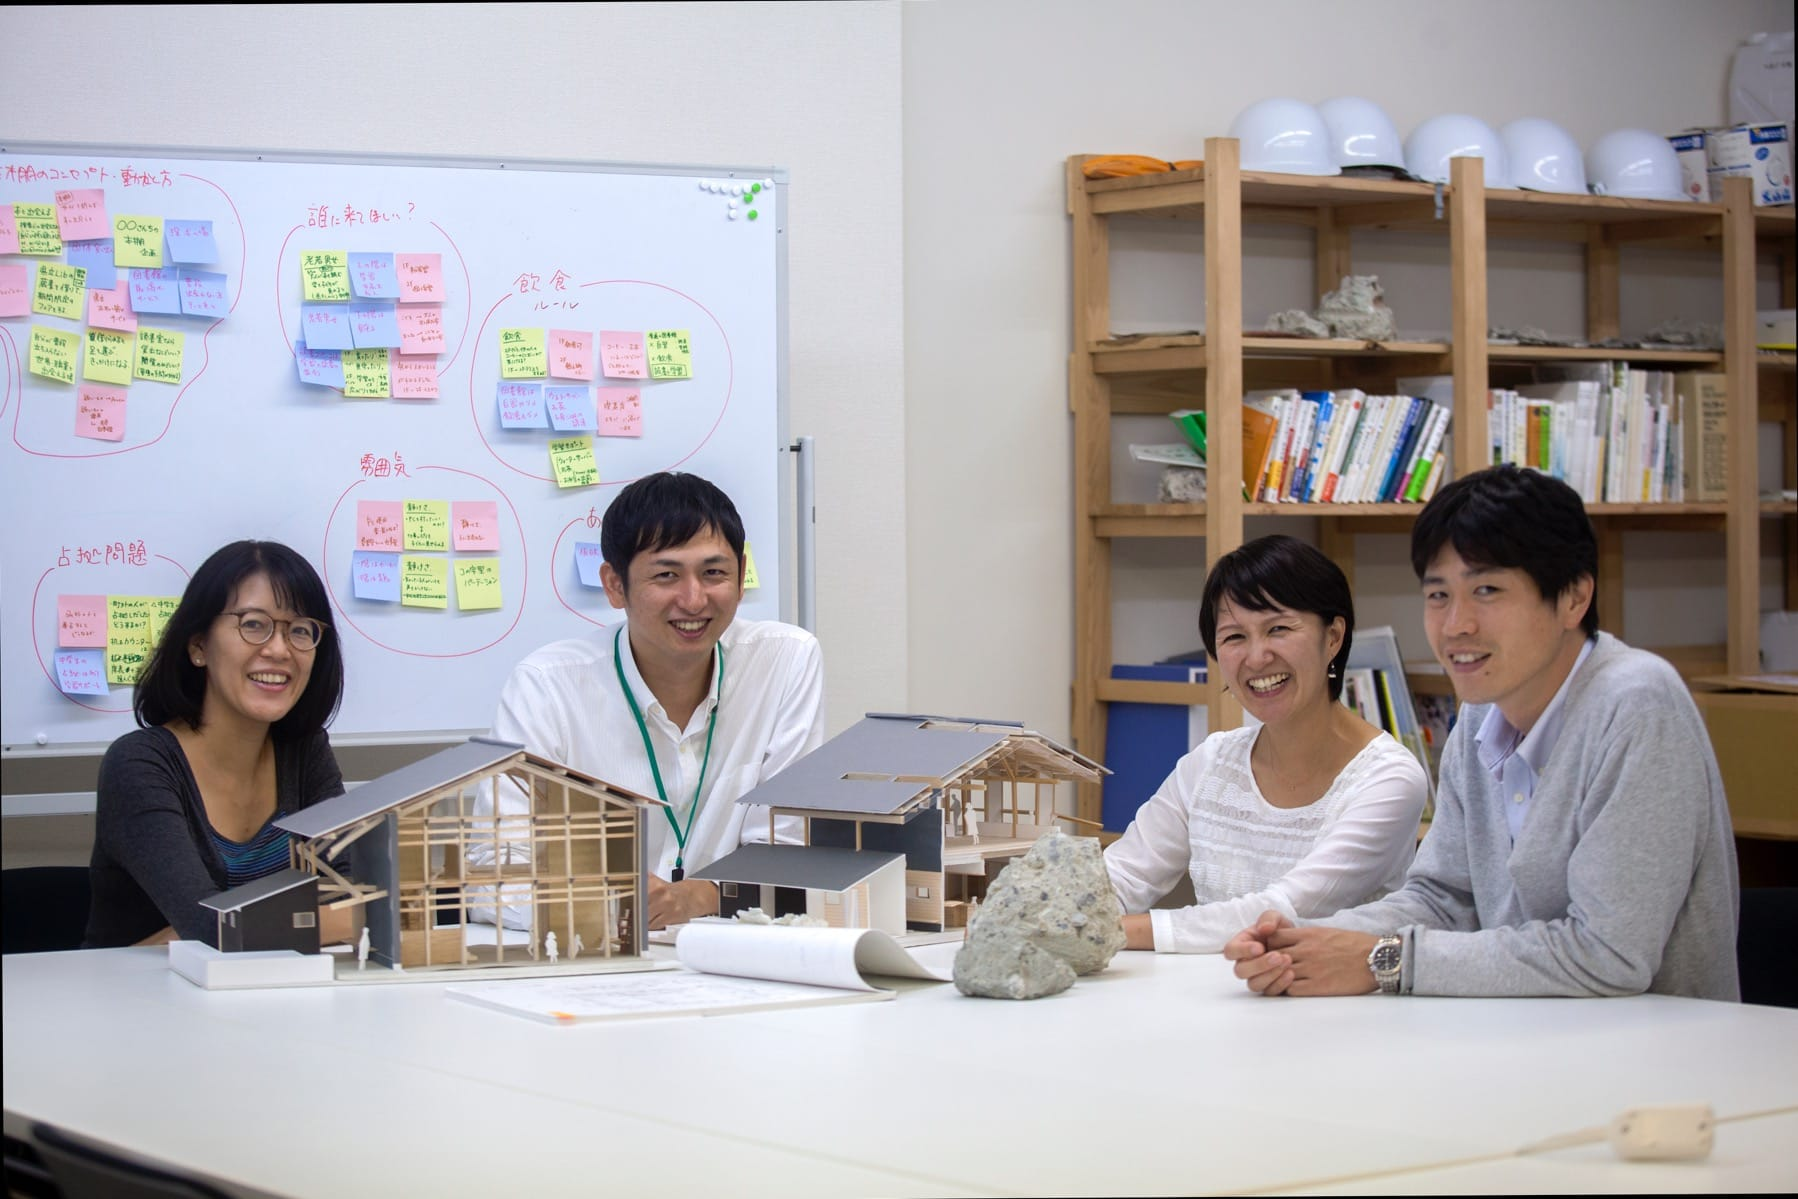 集合住宅づくりを担当する仲間たち。(左からつなぐ公社の高田友美さん、神山町役場の馬場達郎さん、赤尾さん、神山町役場の北山敬典さん)